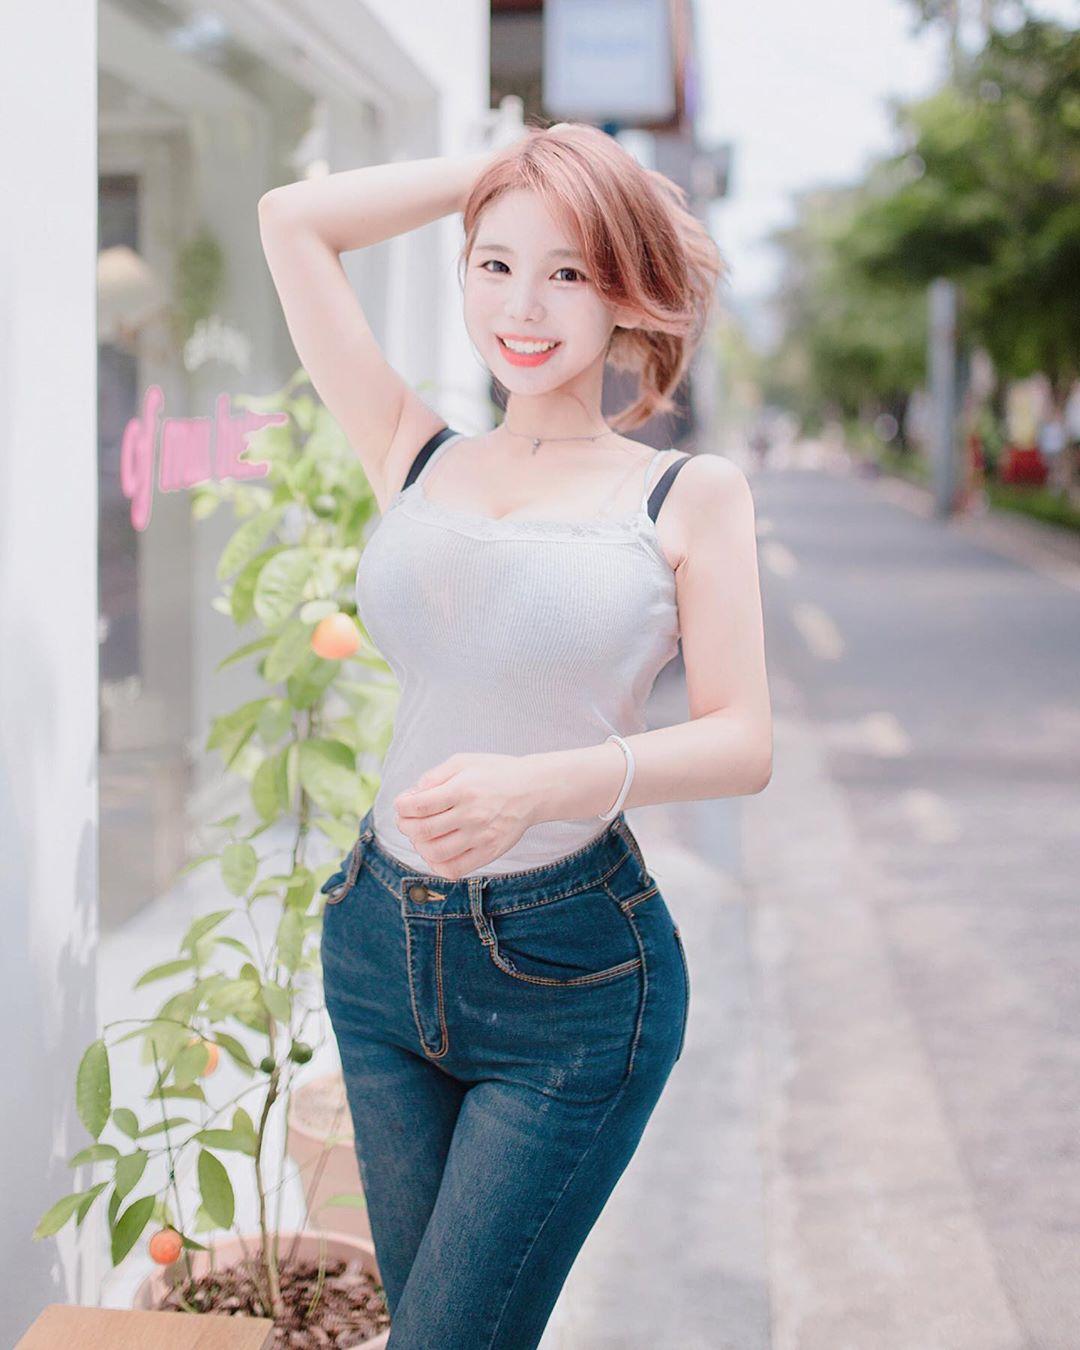 Cô gái mặc quần rách đúng vòng 3, xuề xòa với kiểu mặc nổi trên phố vì kém duyên - 3